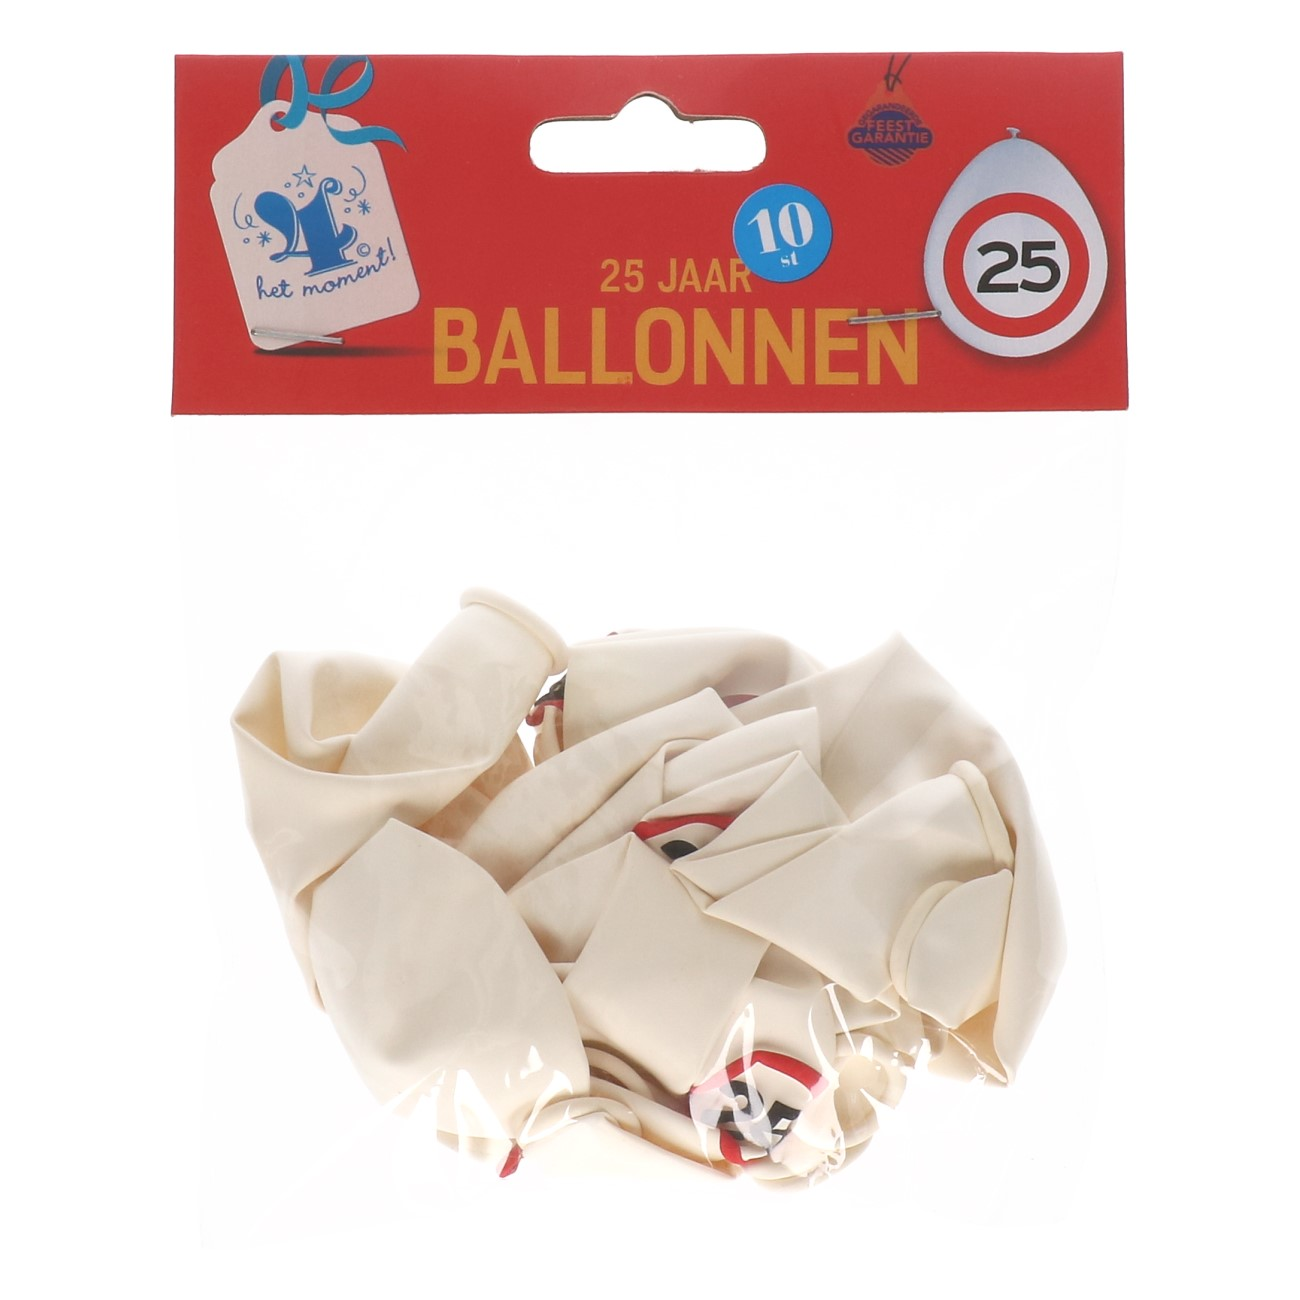 Ballonnen 25 jaar 10 stuks verkeersbord